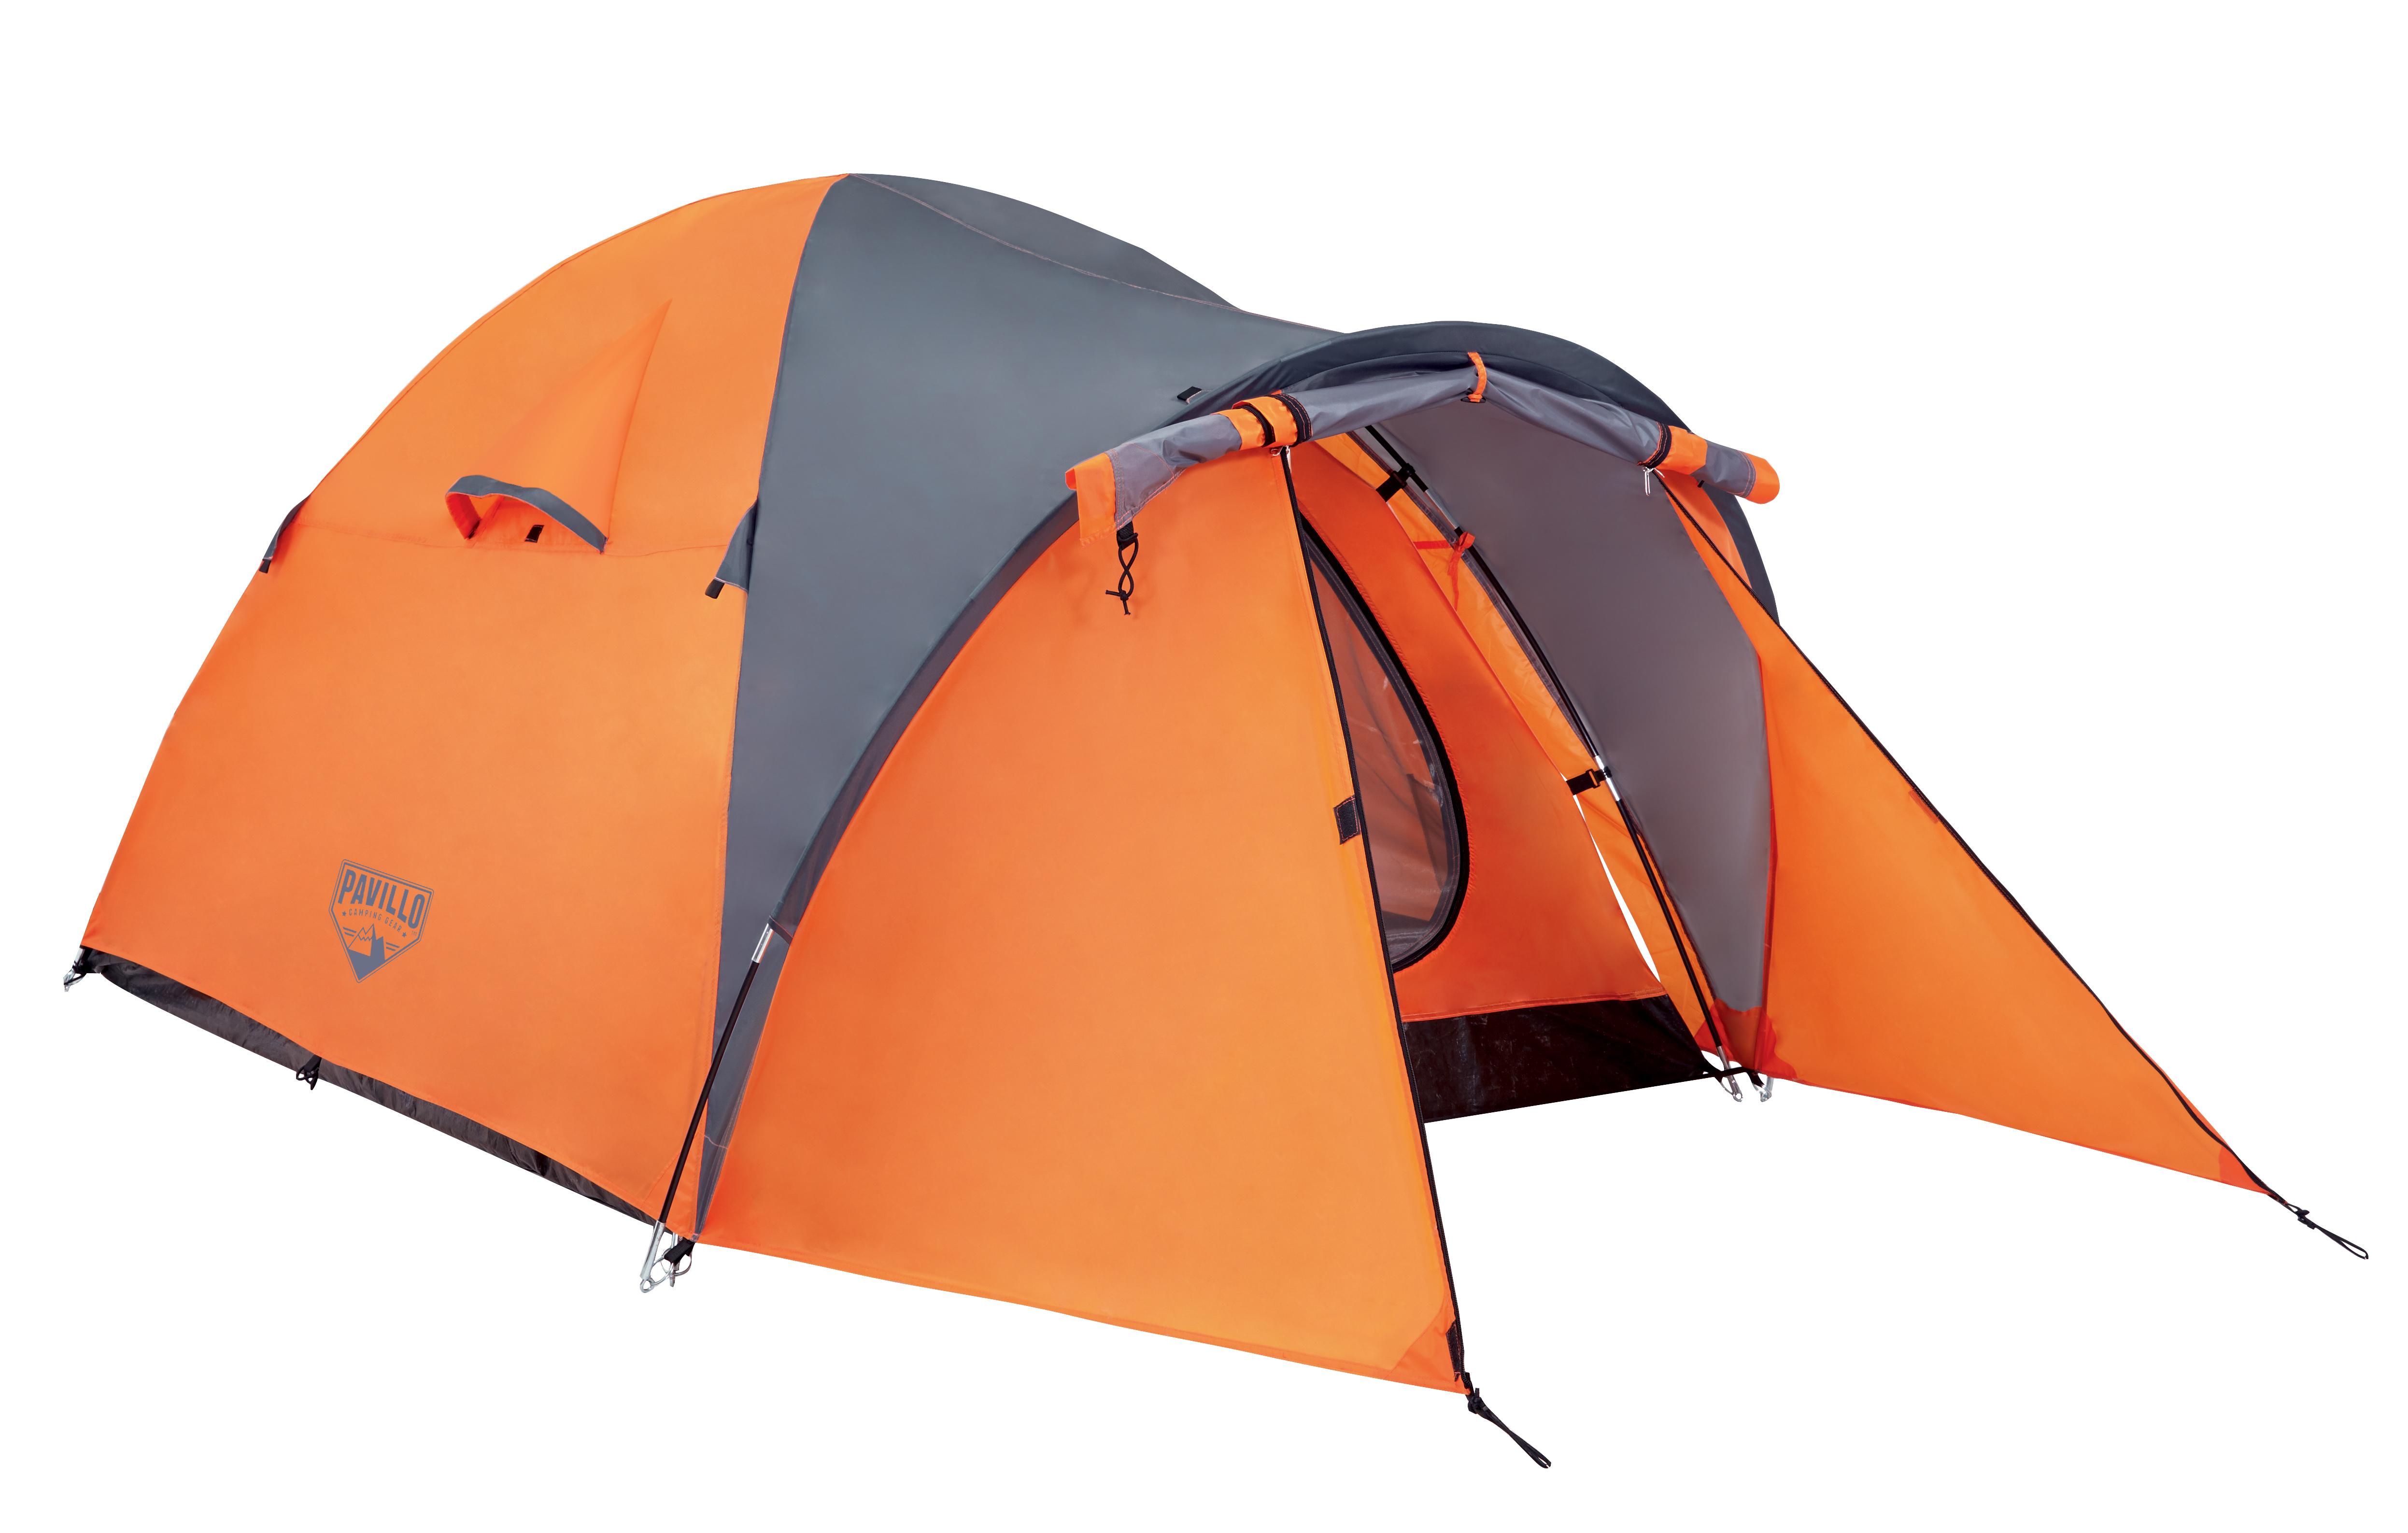 Bestway Navajo X2 Tent - 2 personen